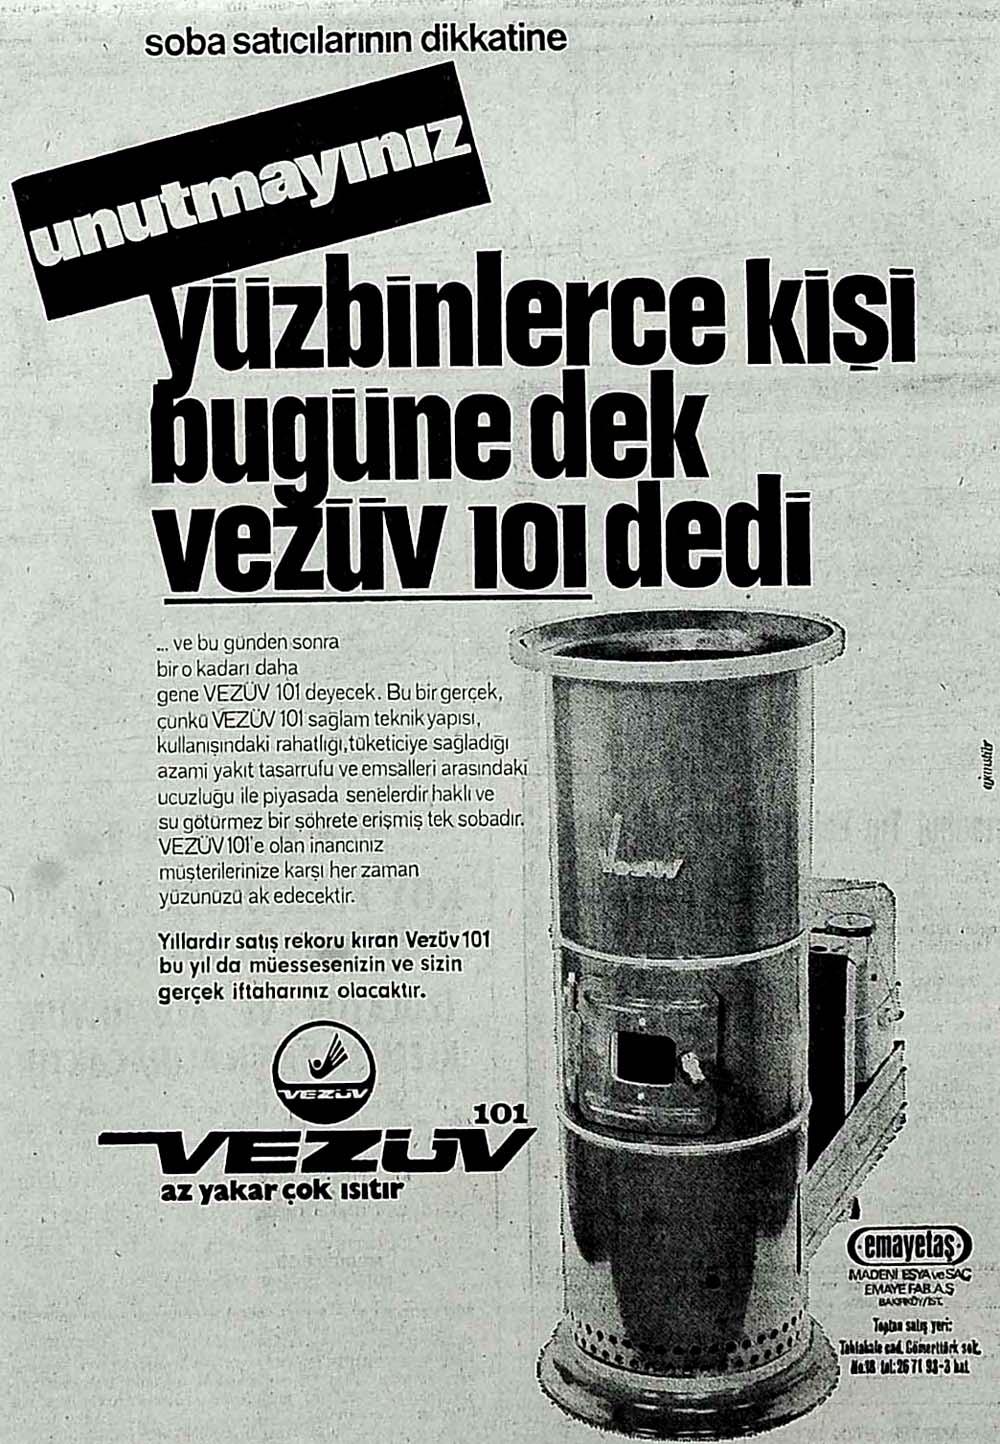 Unutmayınız yüzbinlerce kişi bugüne dek Vezüv 101 dedi